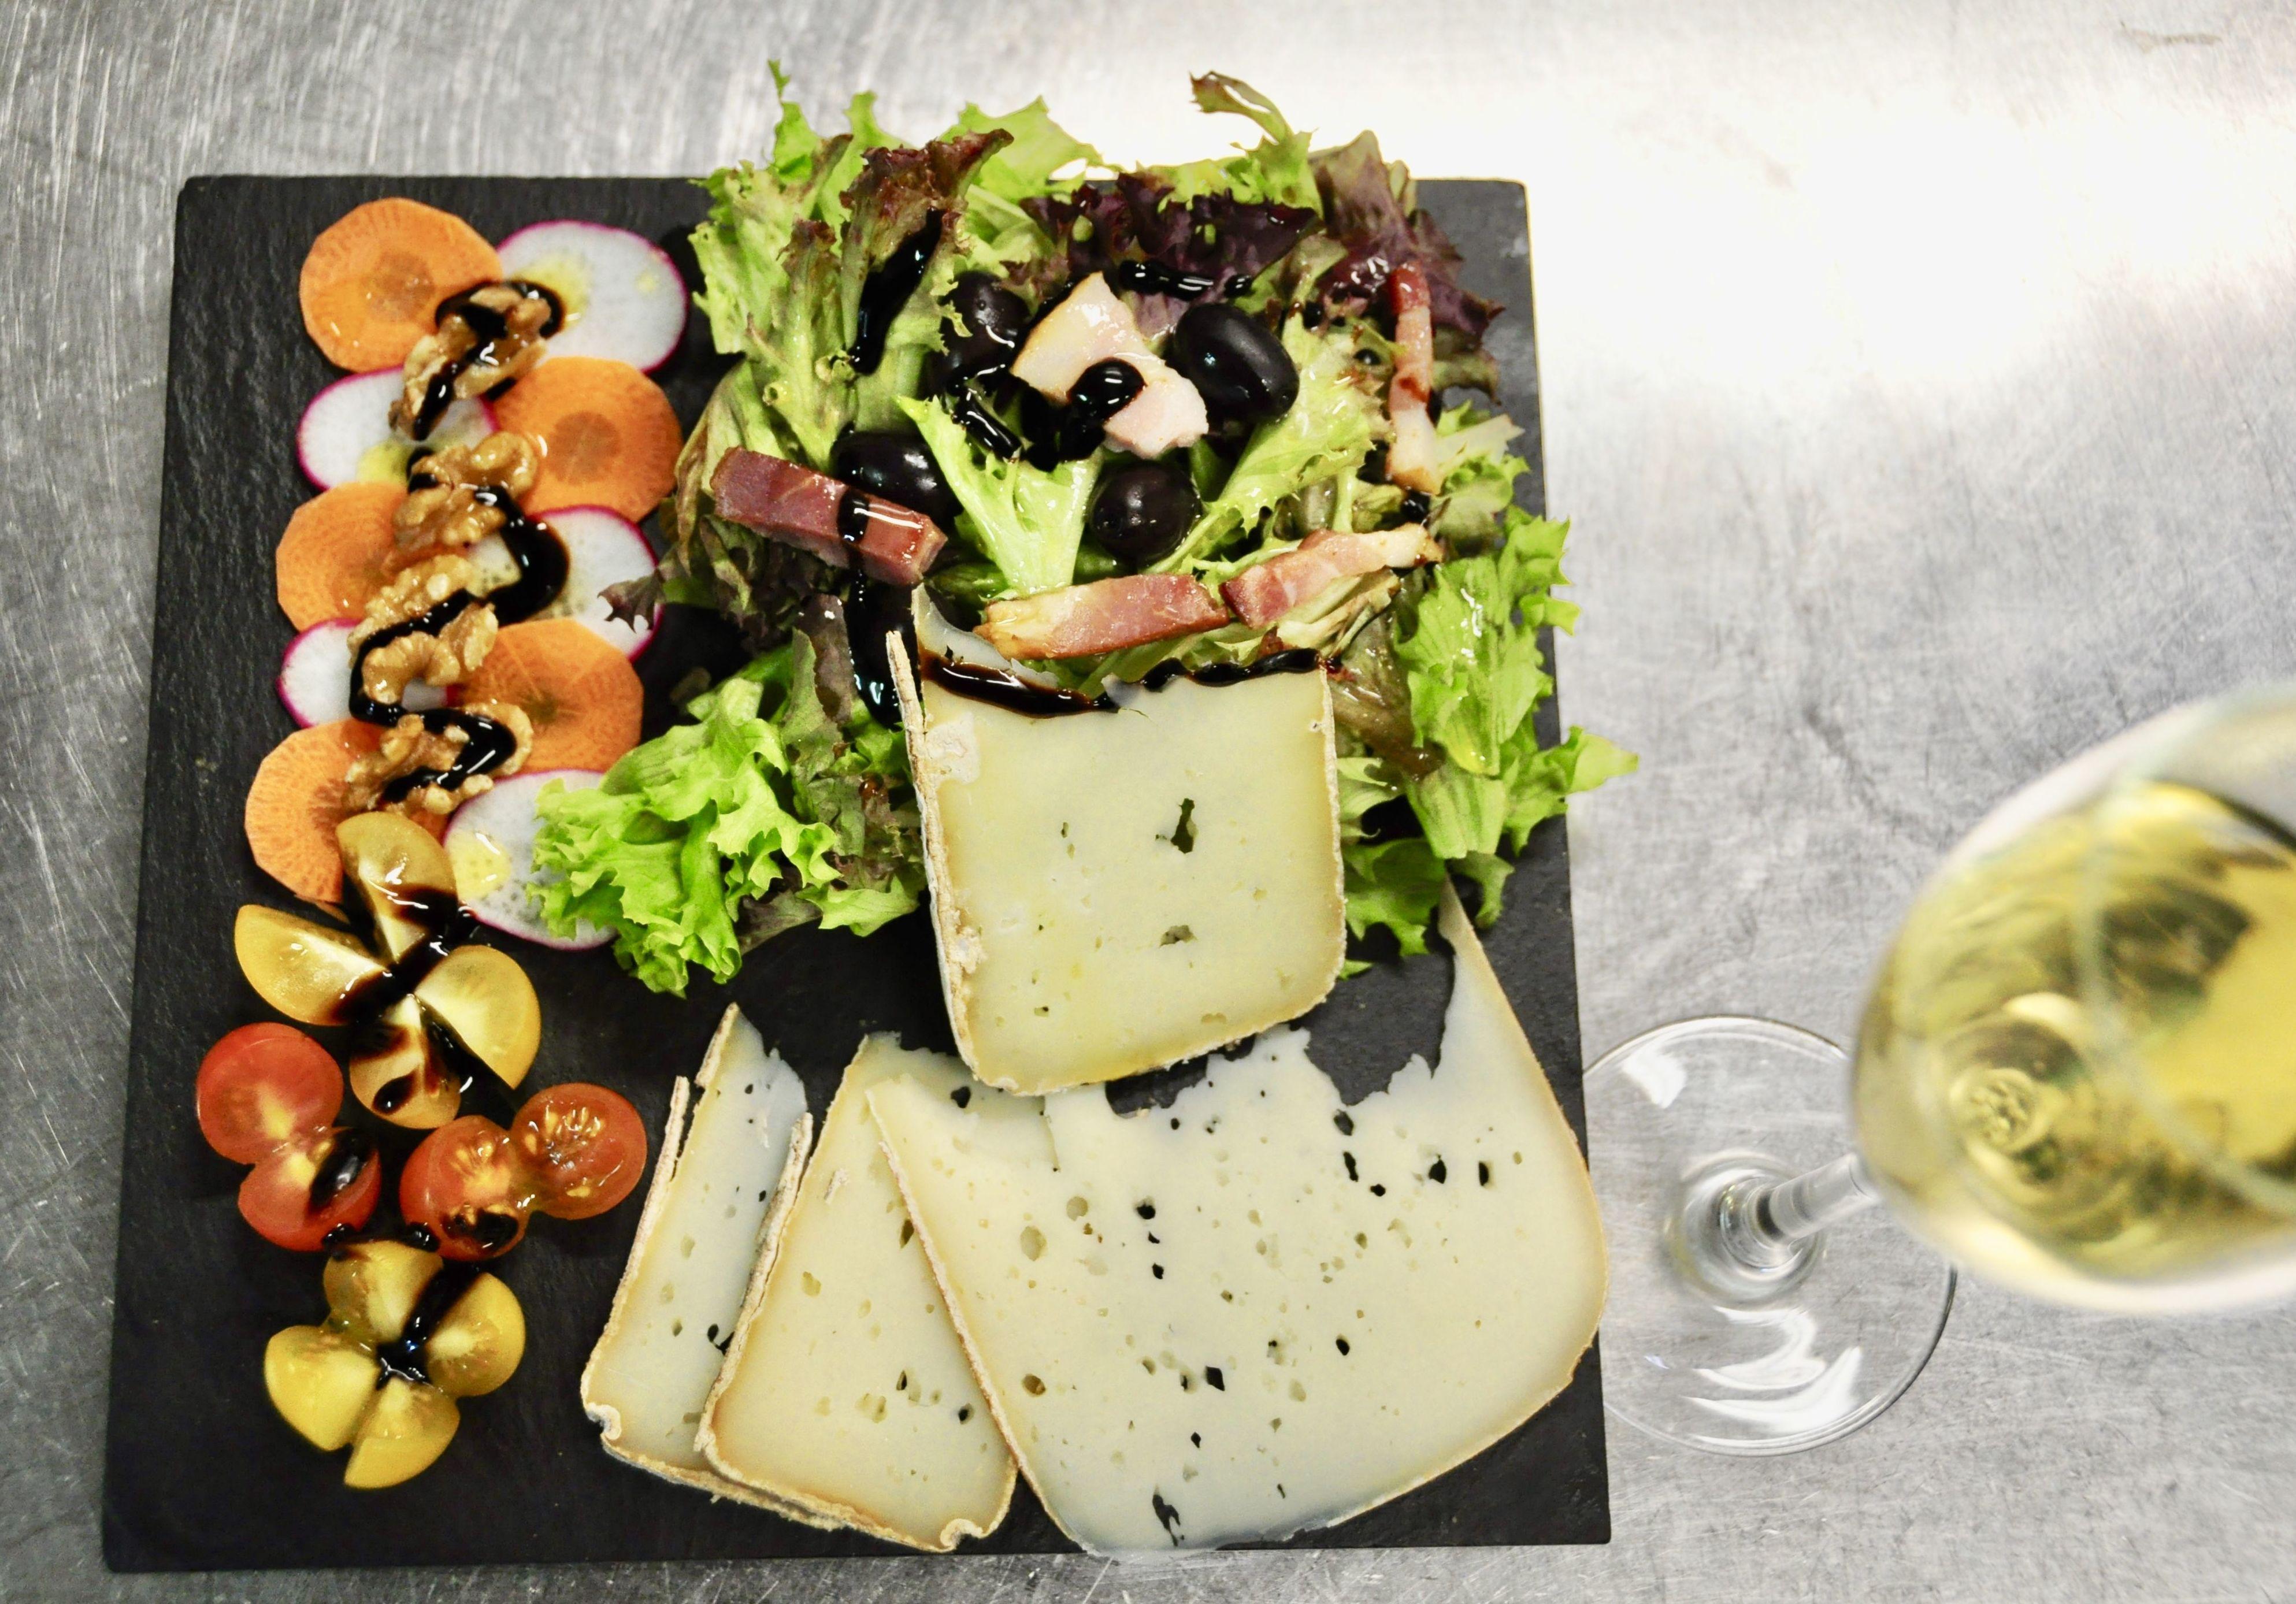 Ensalada templada de mix de quesos Bal de Broto, crujiente de beacon, frutos secos y vinagreta de miel.